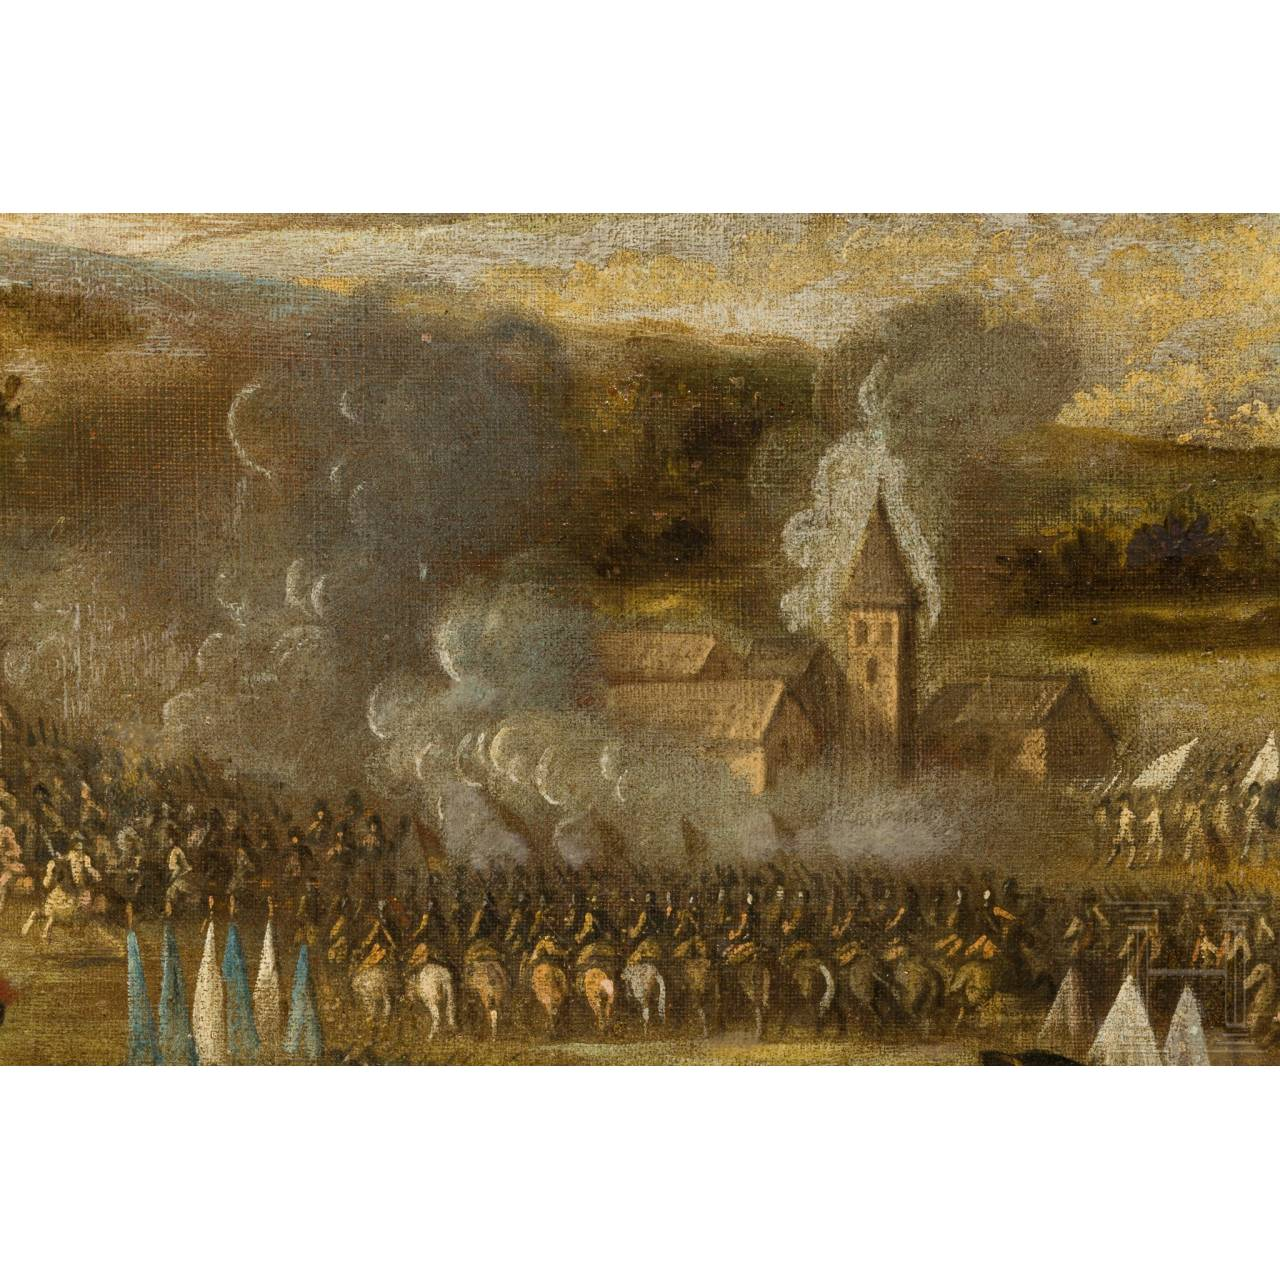 Schlachtenszene aus dem Spanischen Erbfolgekrieg, 18. Jhdt.